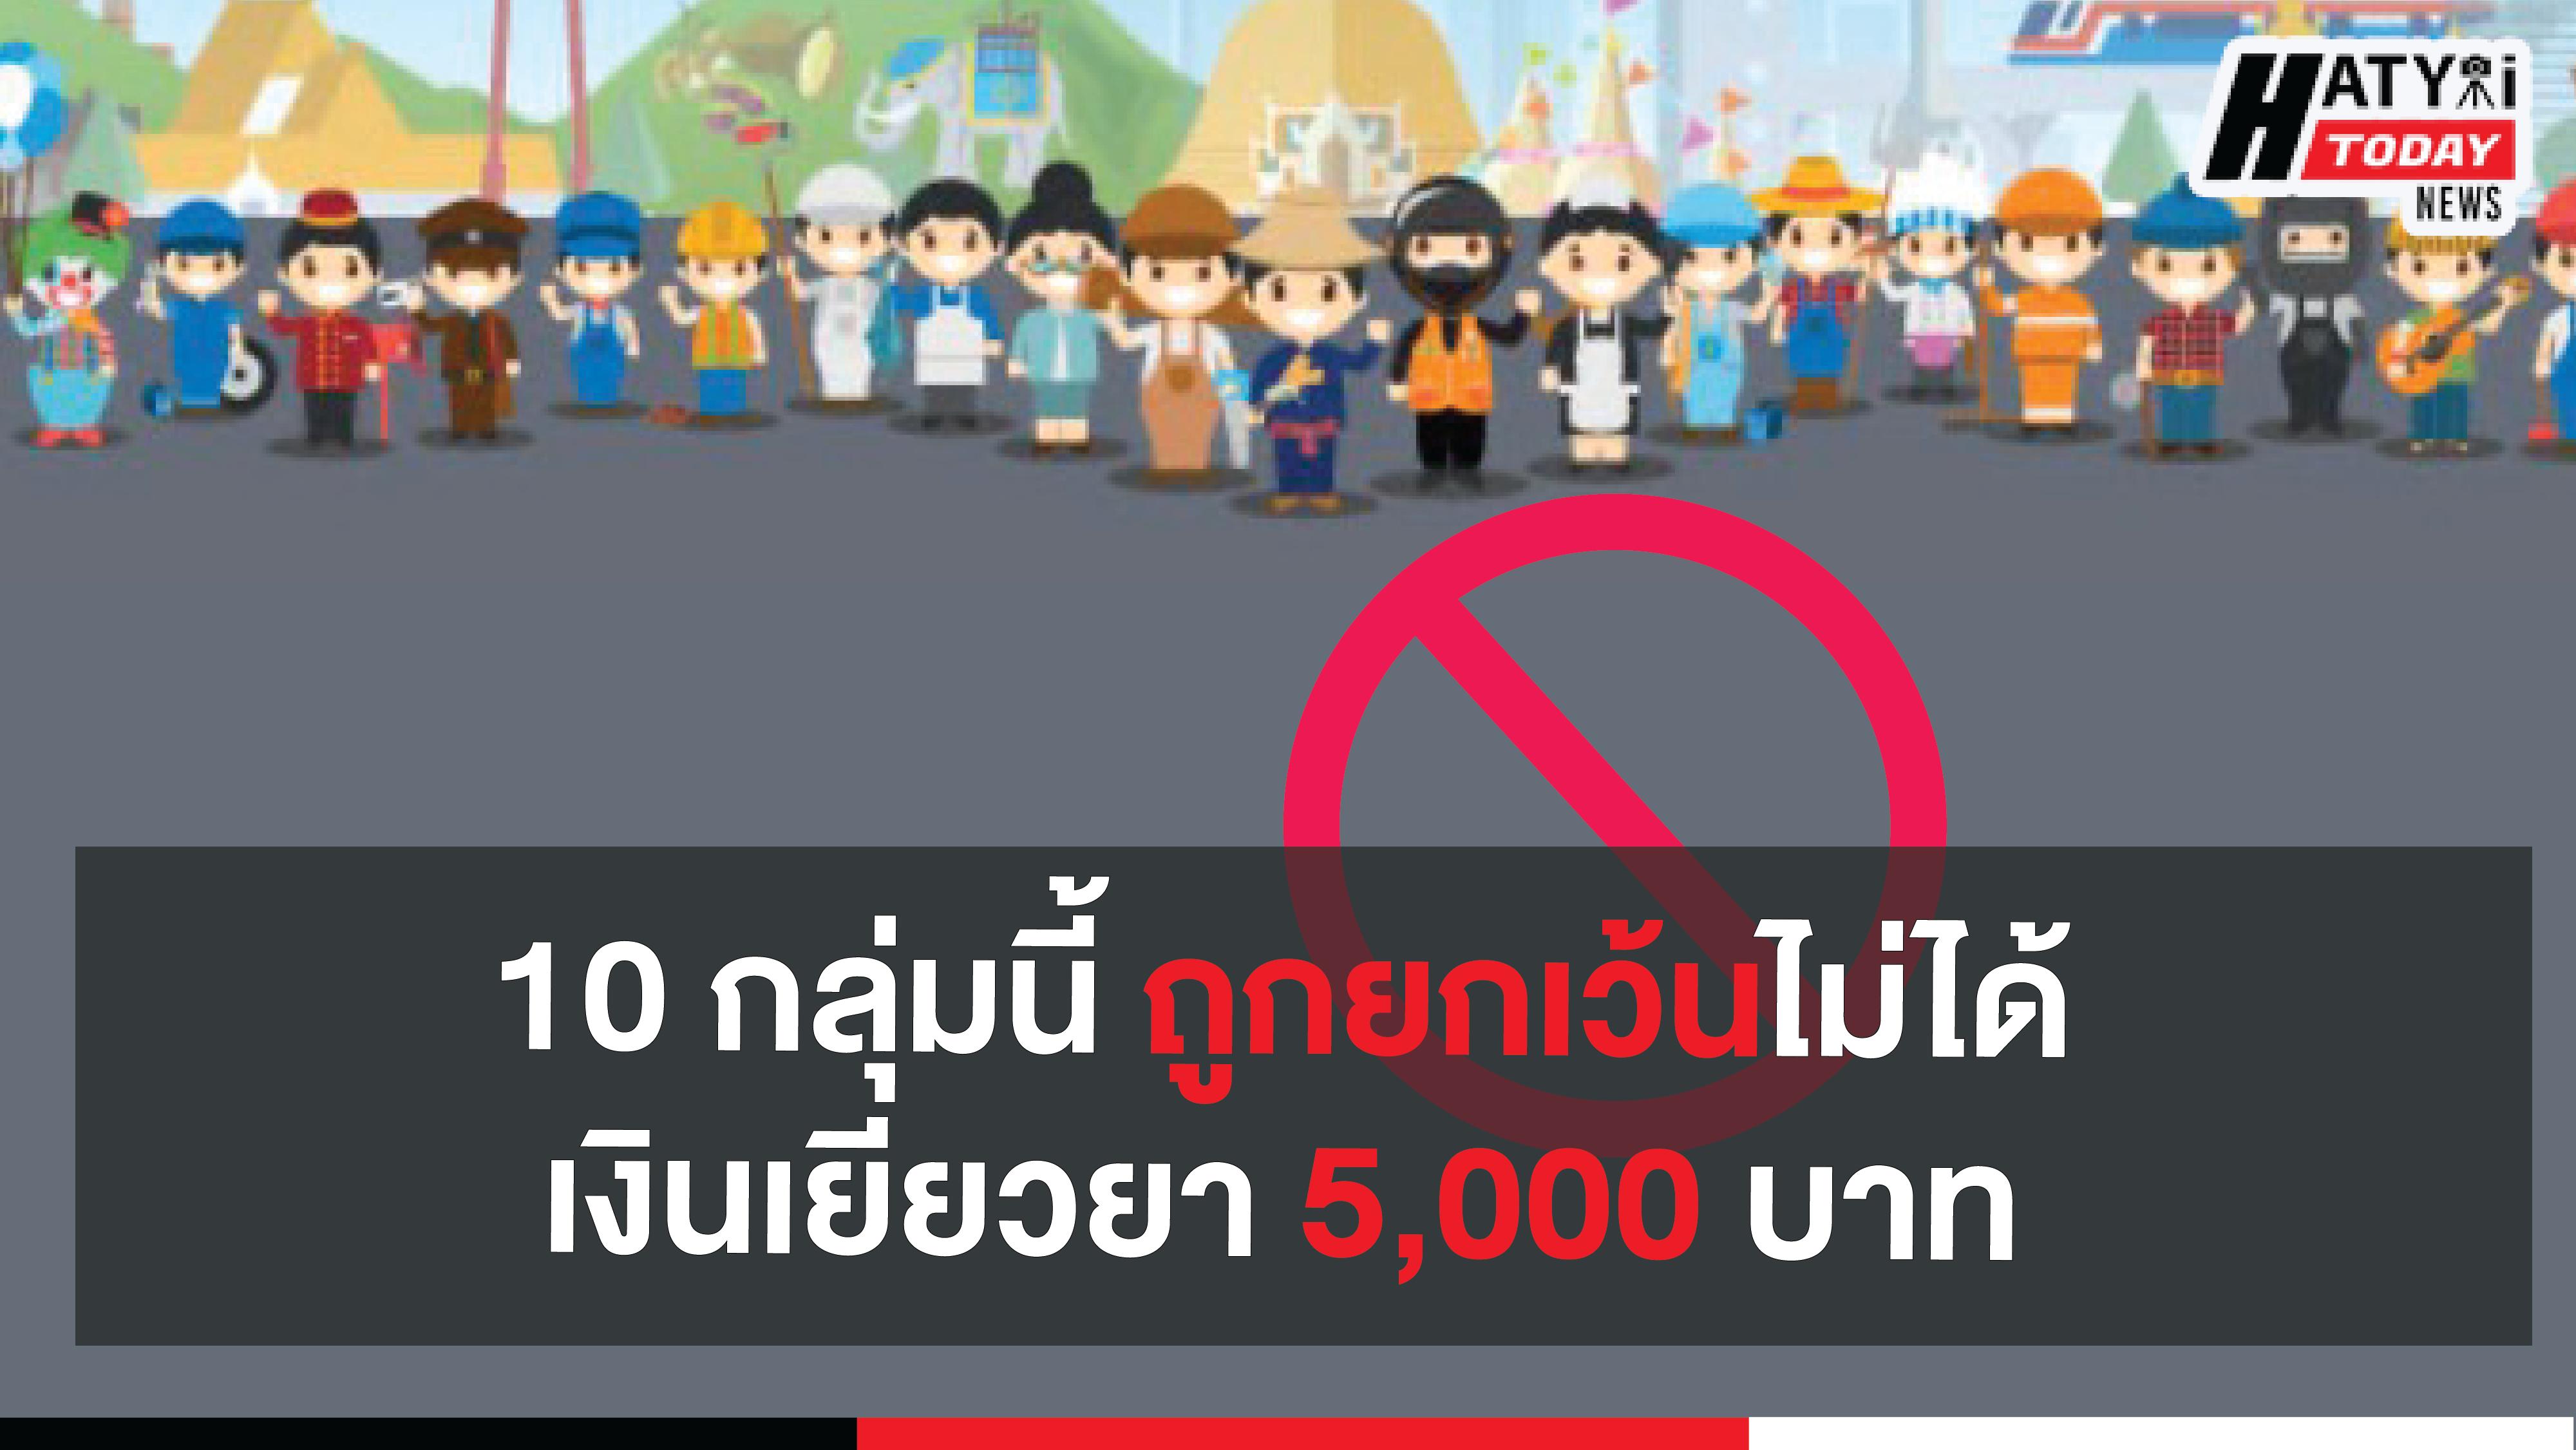 10 กลุ่มนี้ ถูกยกเว้นไม่ได้รับสิทธิเงินมาตรการเยียวยา 5,000 บาท(3 เดือน)